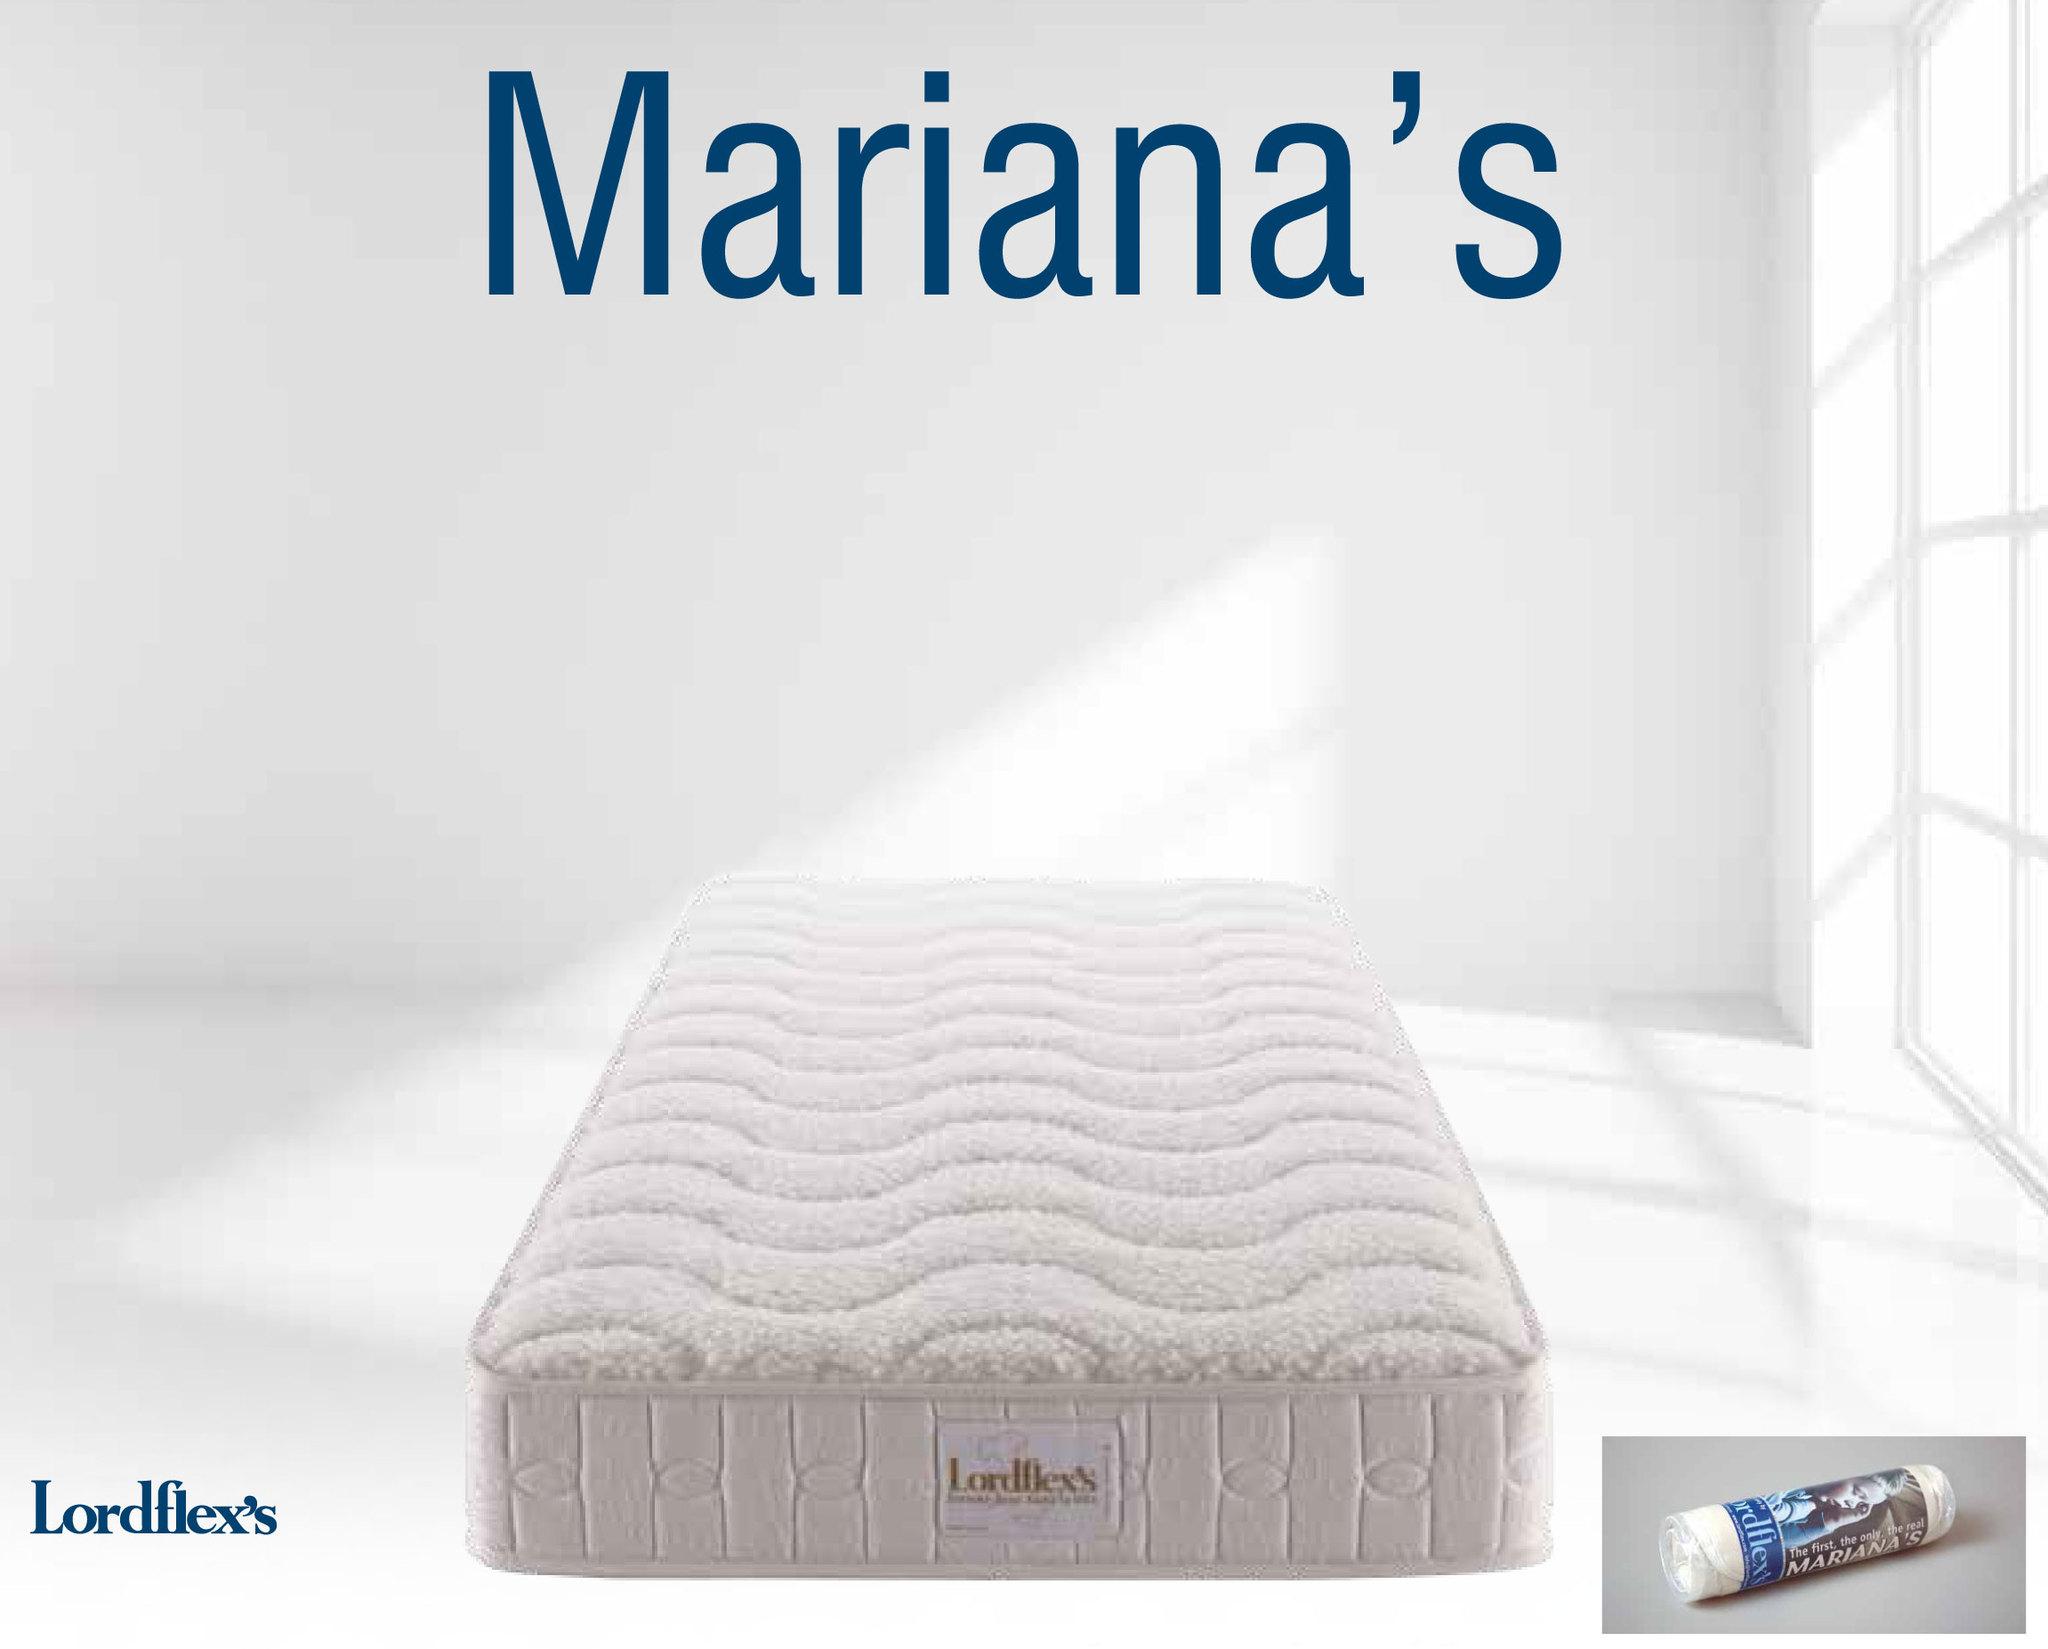 Матрасы Матрас ортопедический Lordflex's Mariana's 130х190 до 140 кг в вакуумной упаковке 1_Mariana_s.jpg